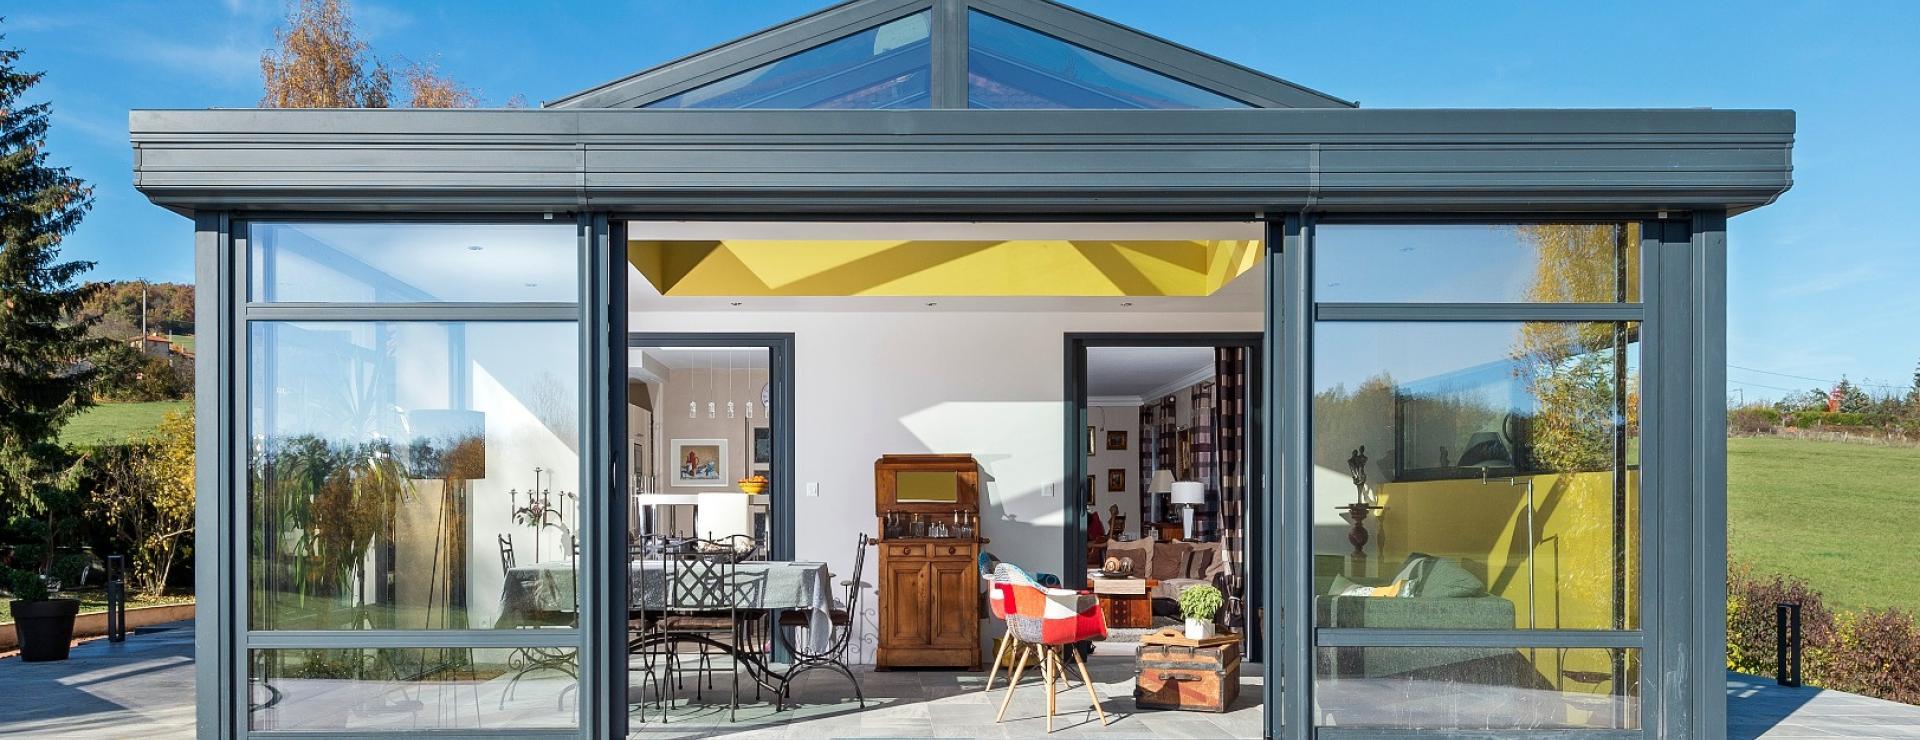 véranda Villefranche-sur-Saône et 01 Ain - toiture plate